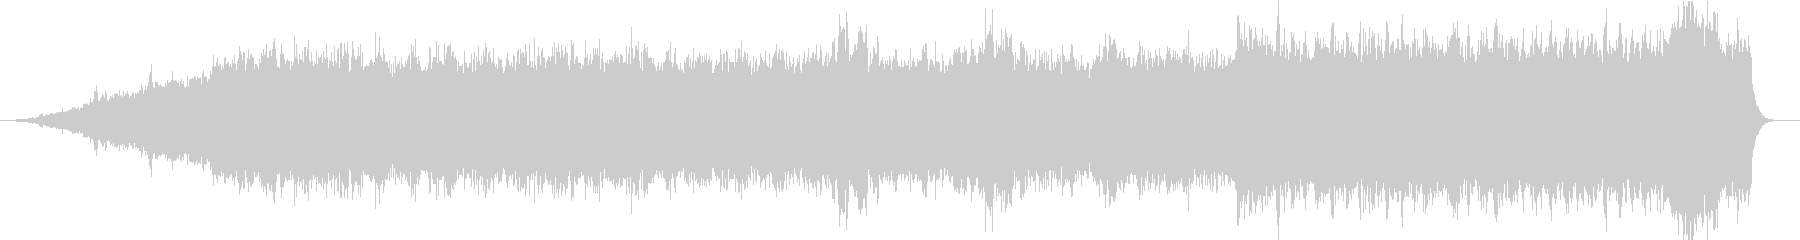 キンモクセイ-メロトロン・クワイアの未再生の波形